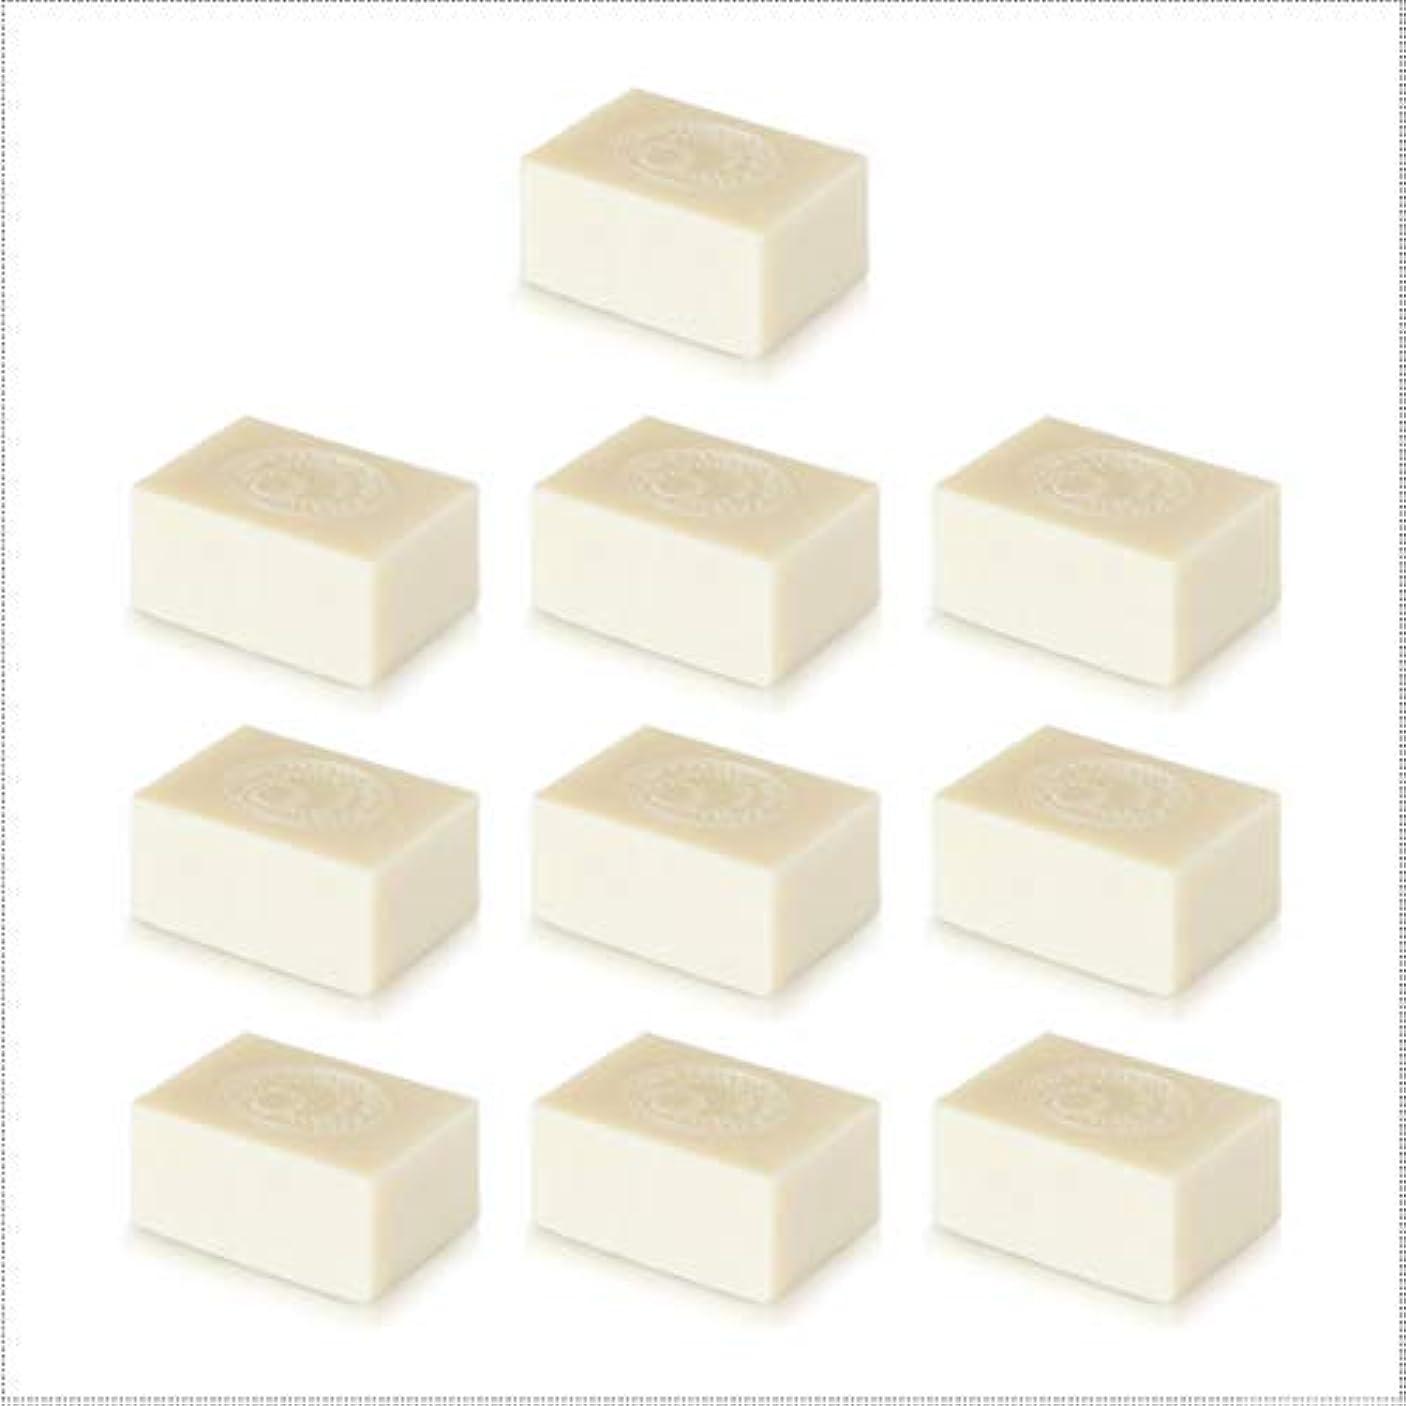 まっすぐささいな借りるアルガン石鹸10個セット( 145g ×10個) ナイアードの無添加アルガン石鹸